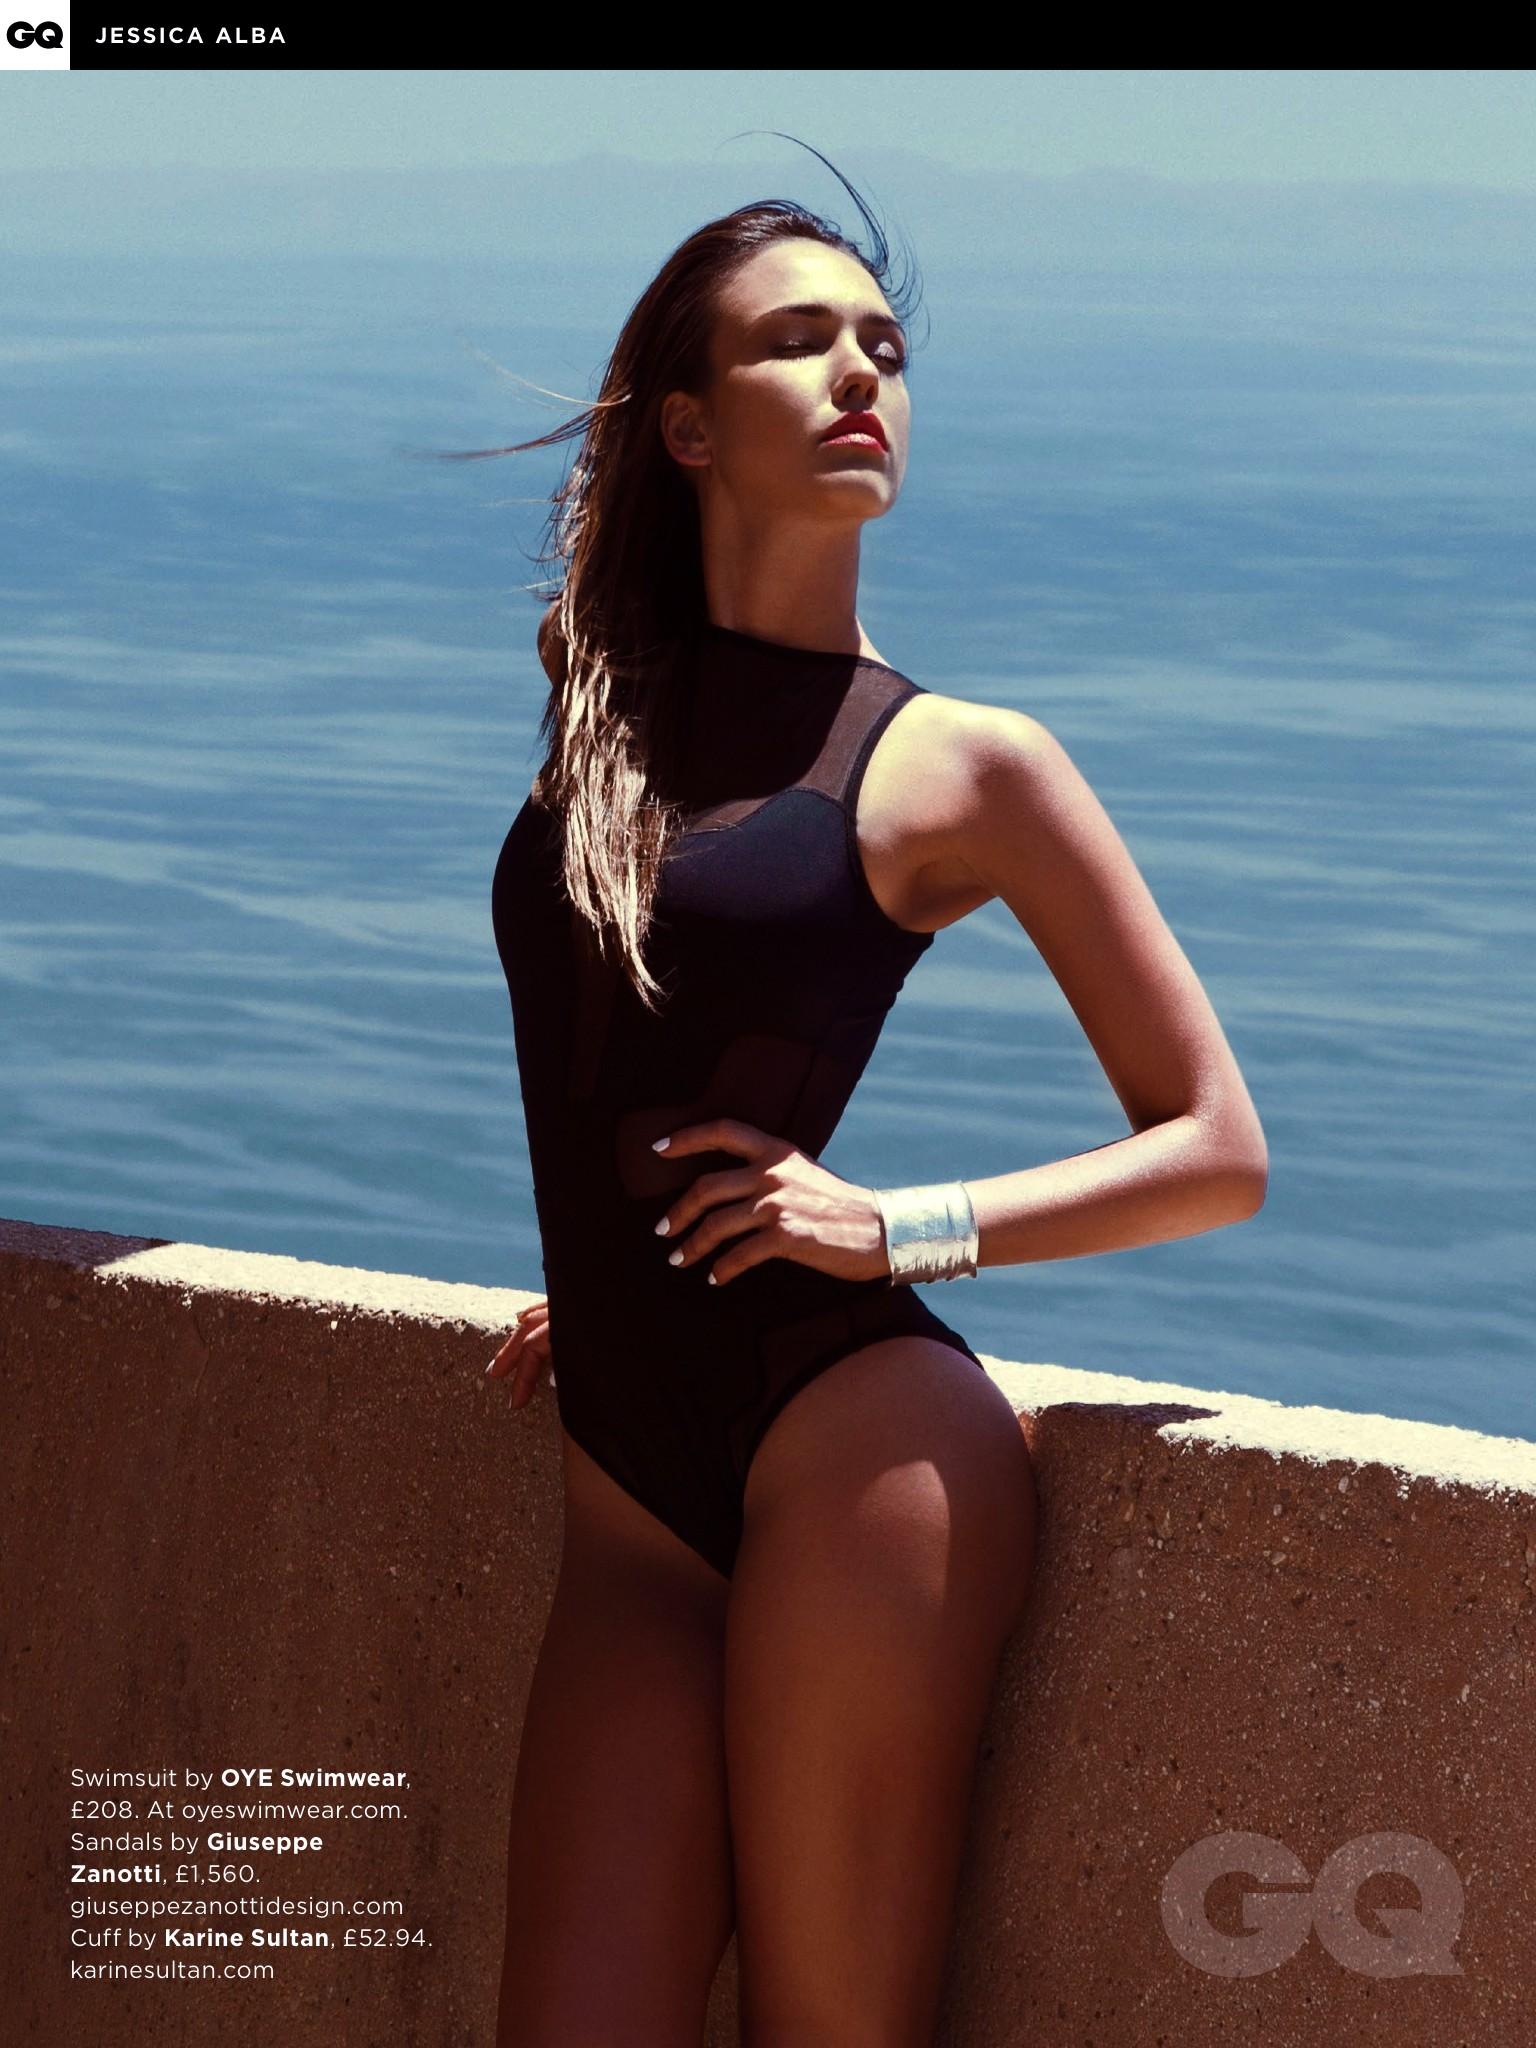 Jessica-Alba-GQ -2014-UK--11